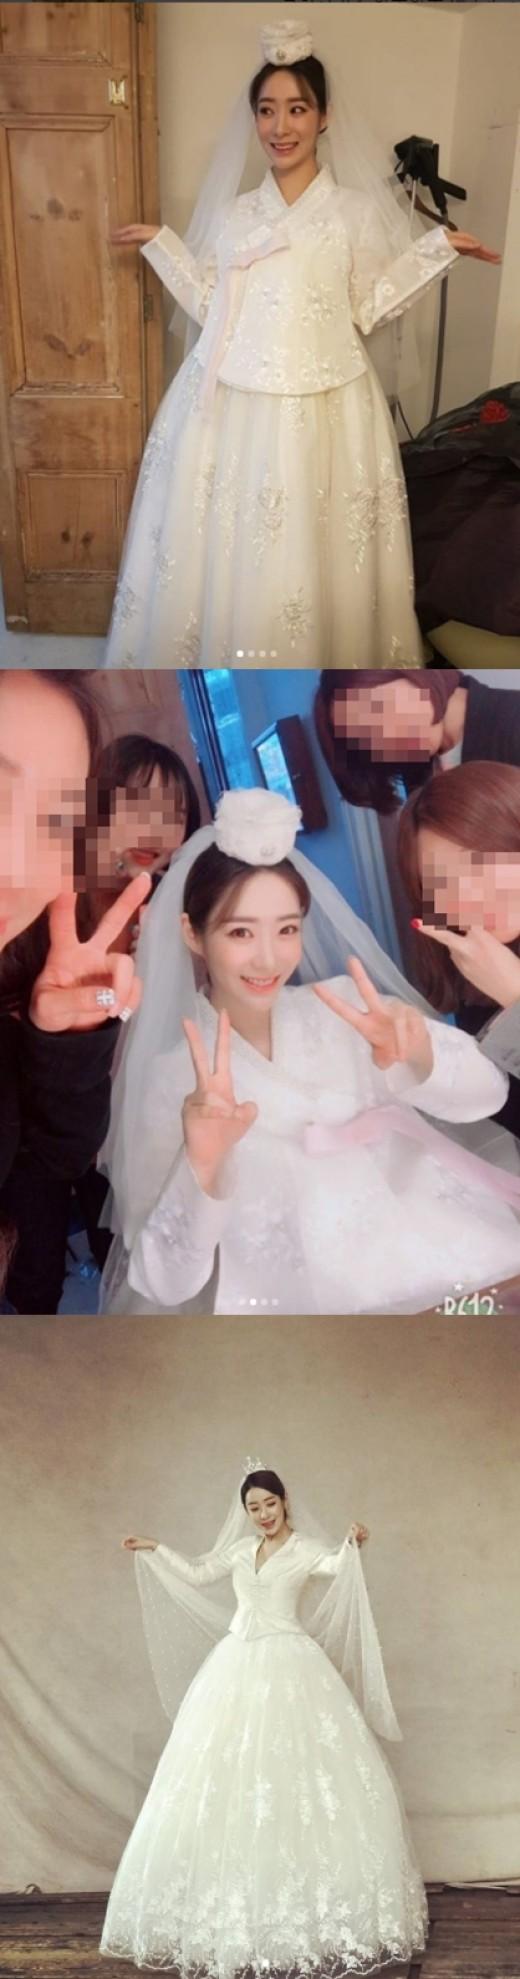 """""""역시 짱입니다""""…'4월의 신부' 안소미, 웨딩화보 현장 공개_이미지"""